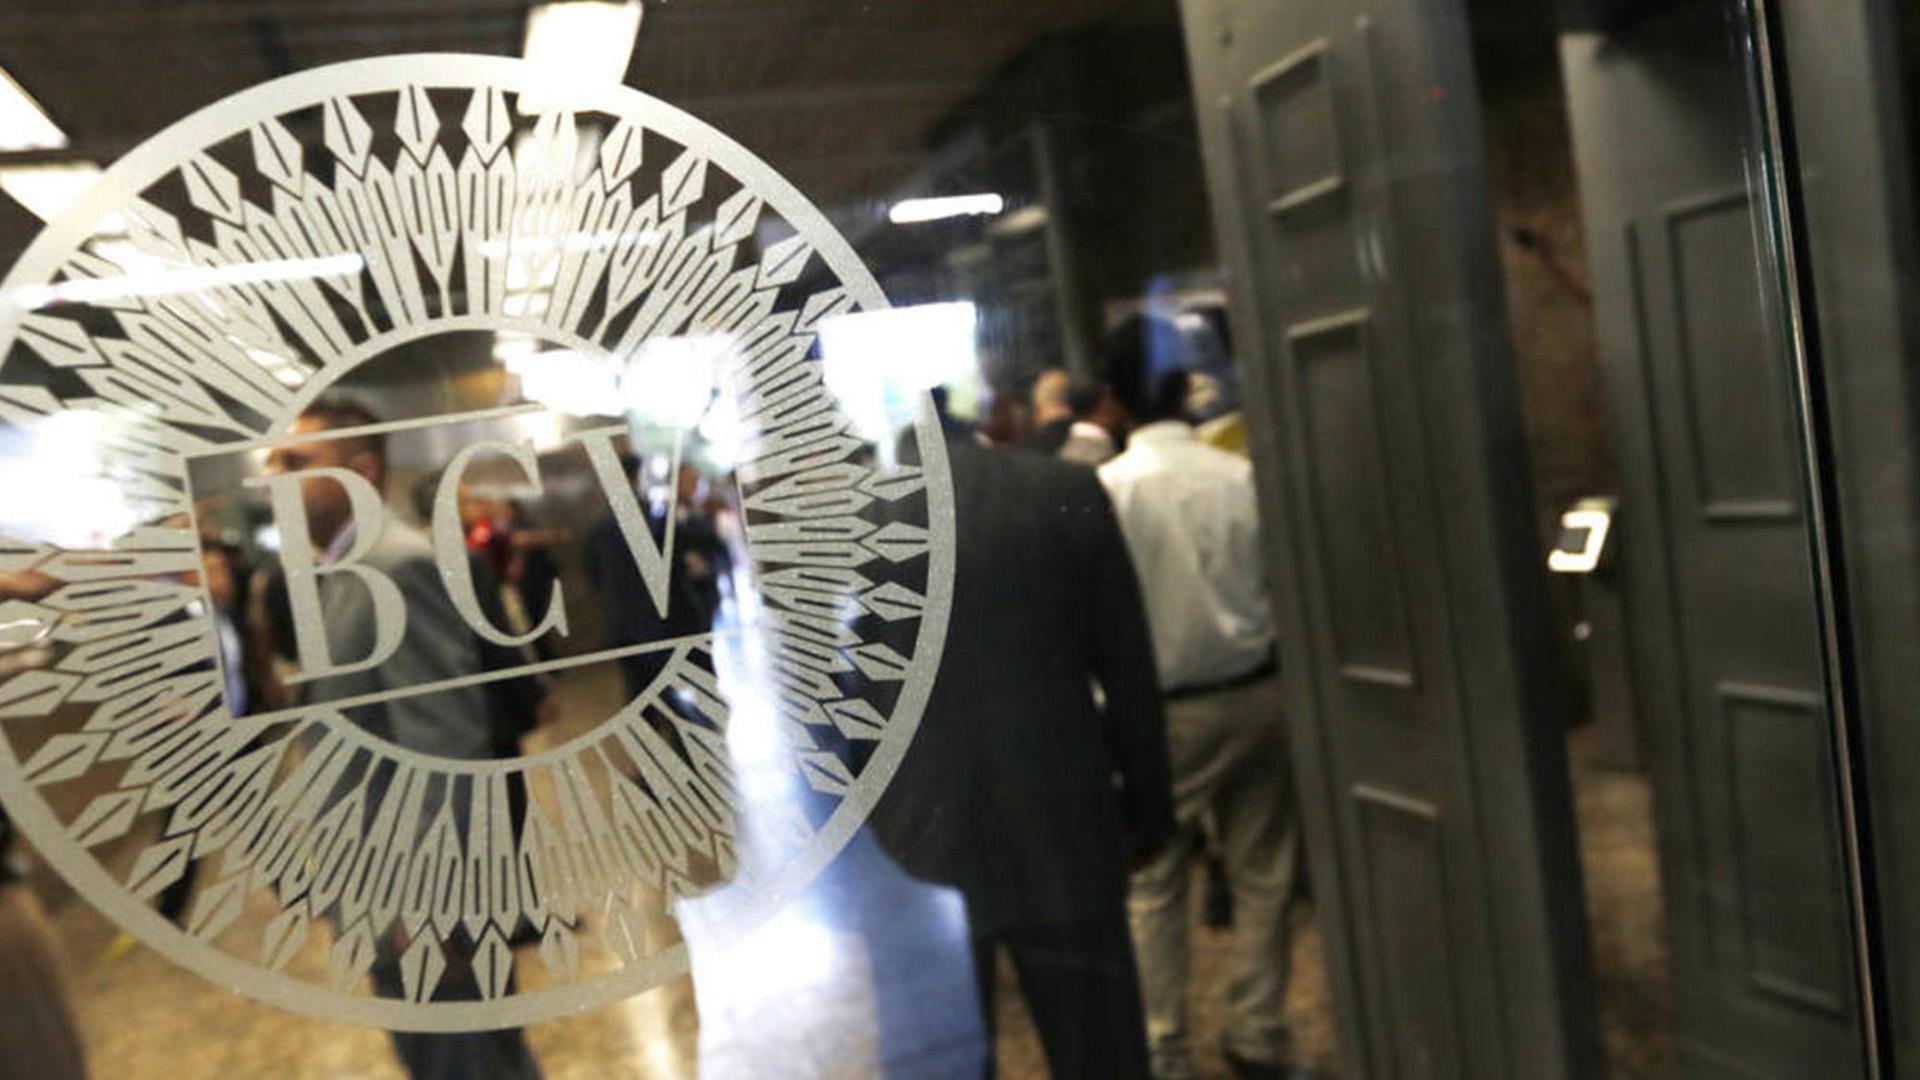 Bancos abrirán con fechas y horarios limitados durante período de flexibilización